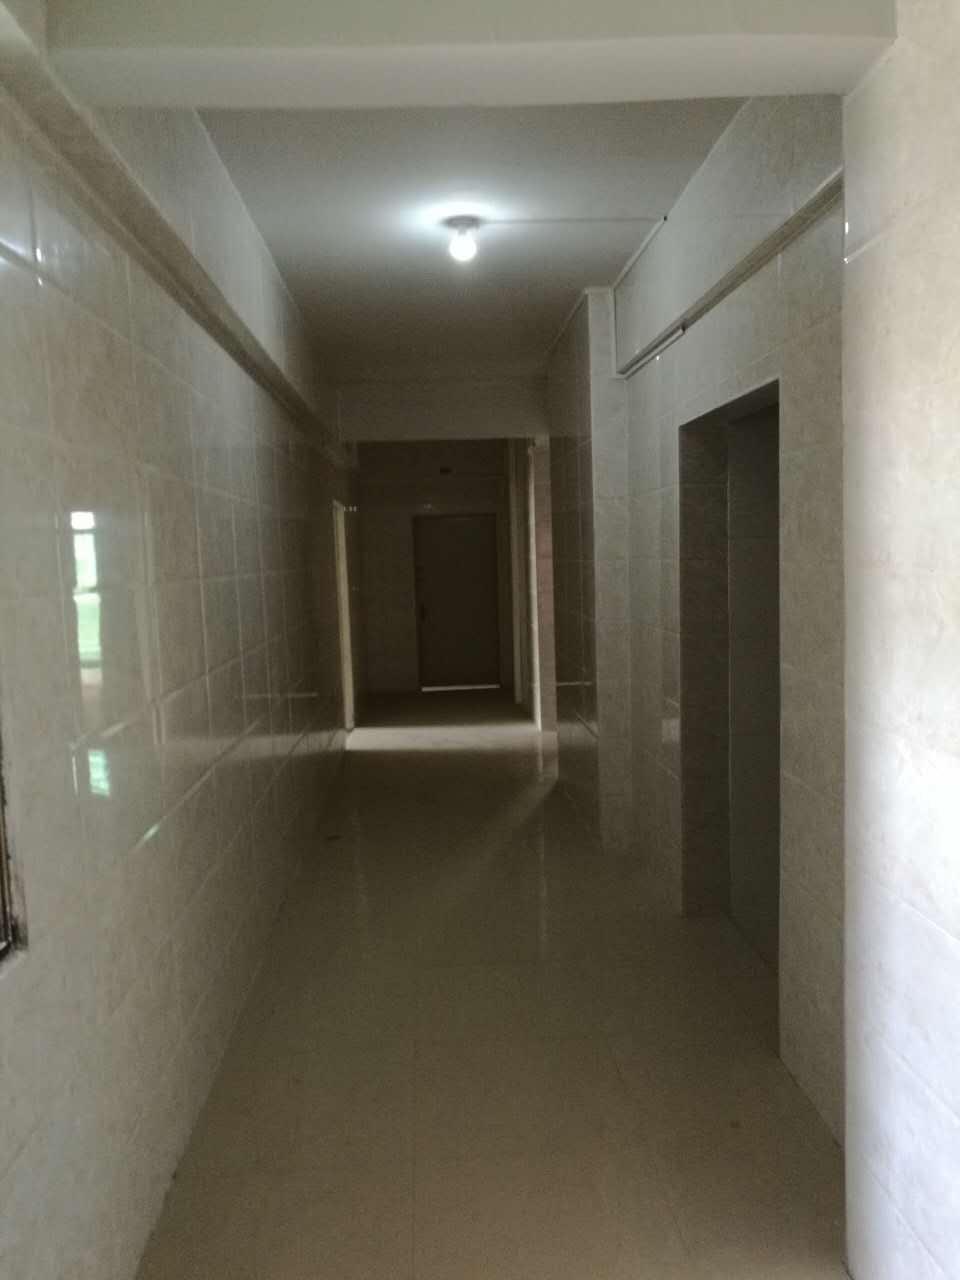 马山头小产权三房90平米43万,最便宜的笋盘 三房二厅 第7张